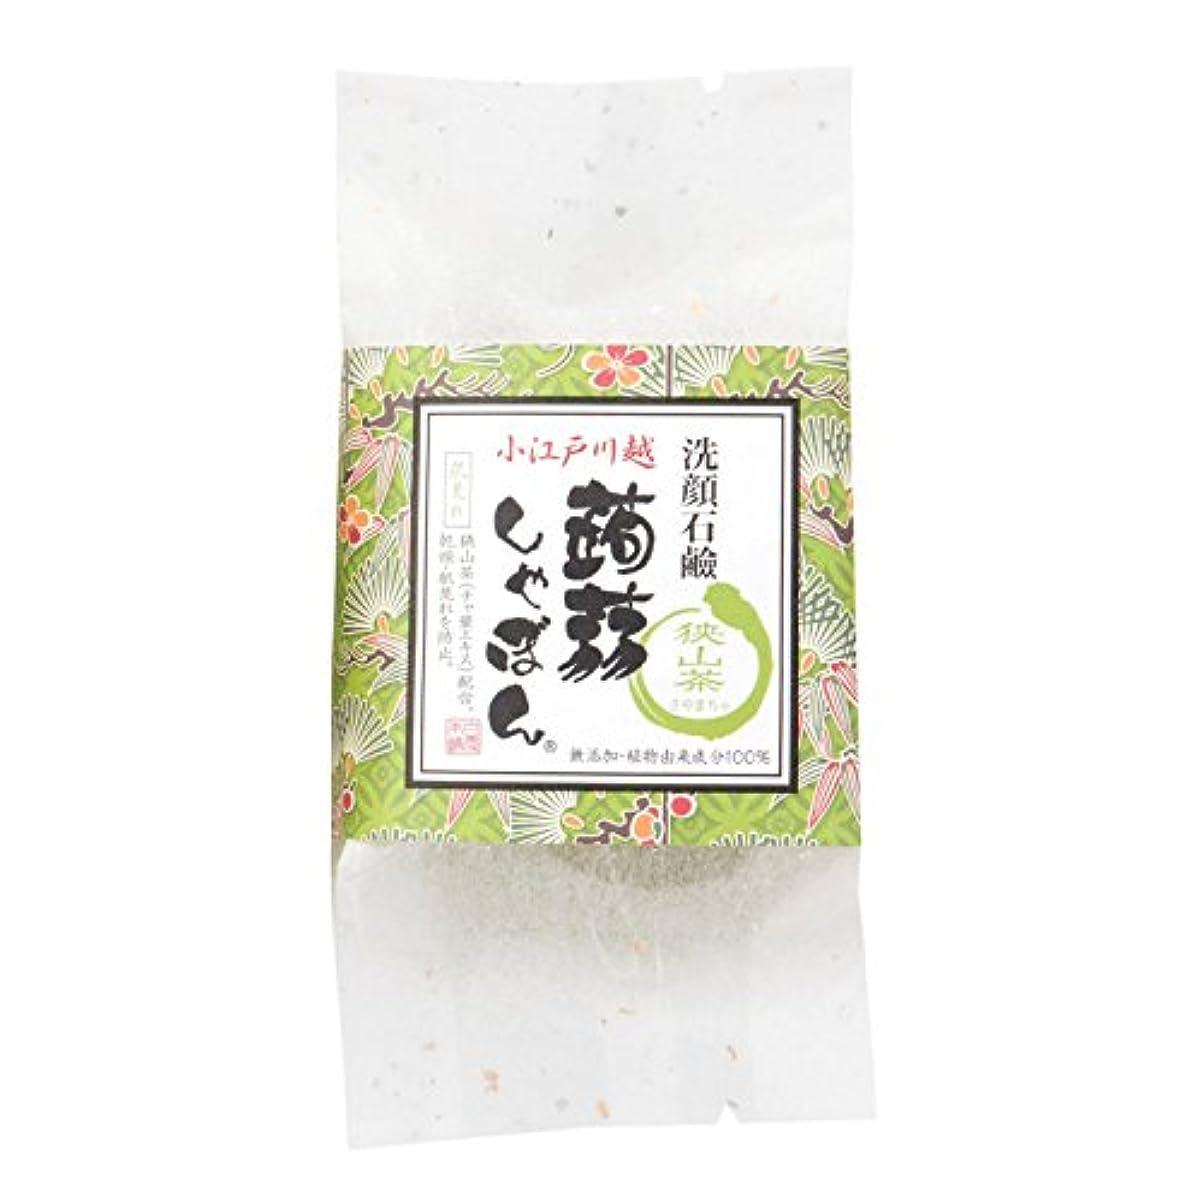 通常謎めいた用語集川越蒟蒻しゃぼん狭山茶(さやまちゃ)